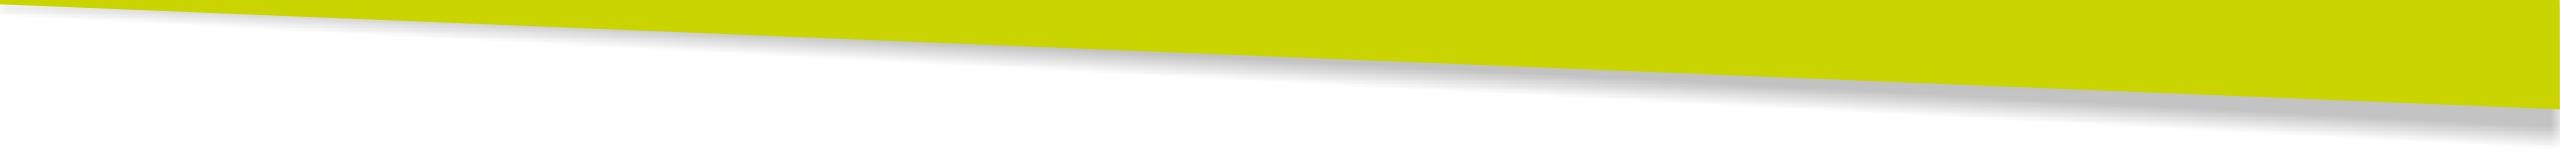 agence communication, publicité, print, marketing, lisieux, normandie